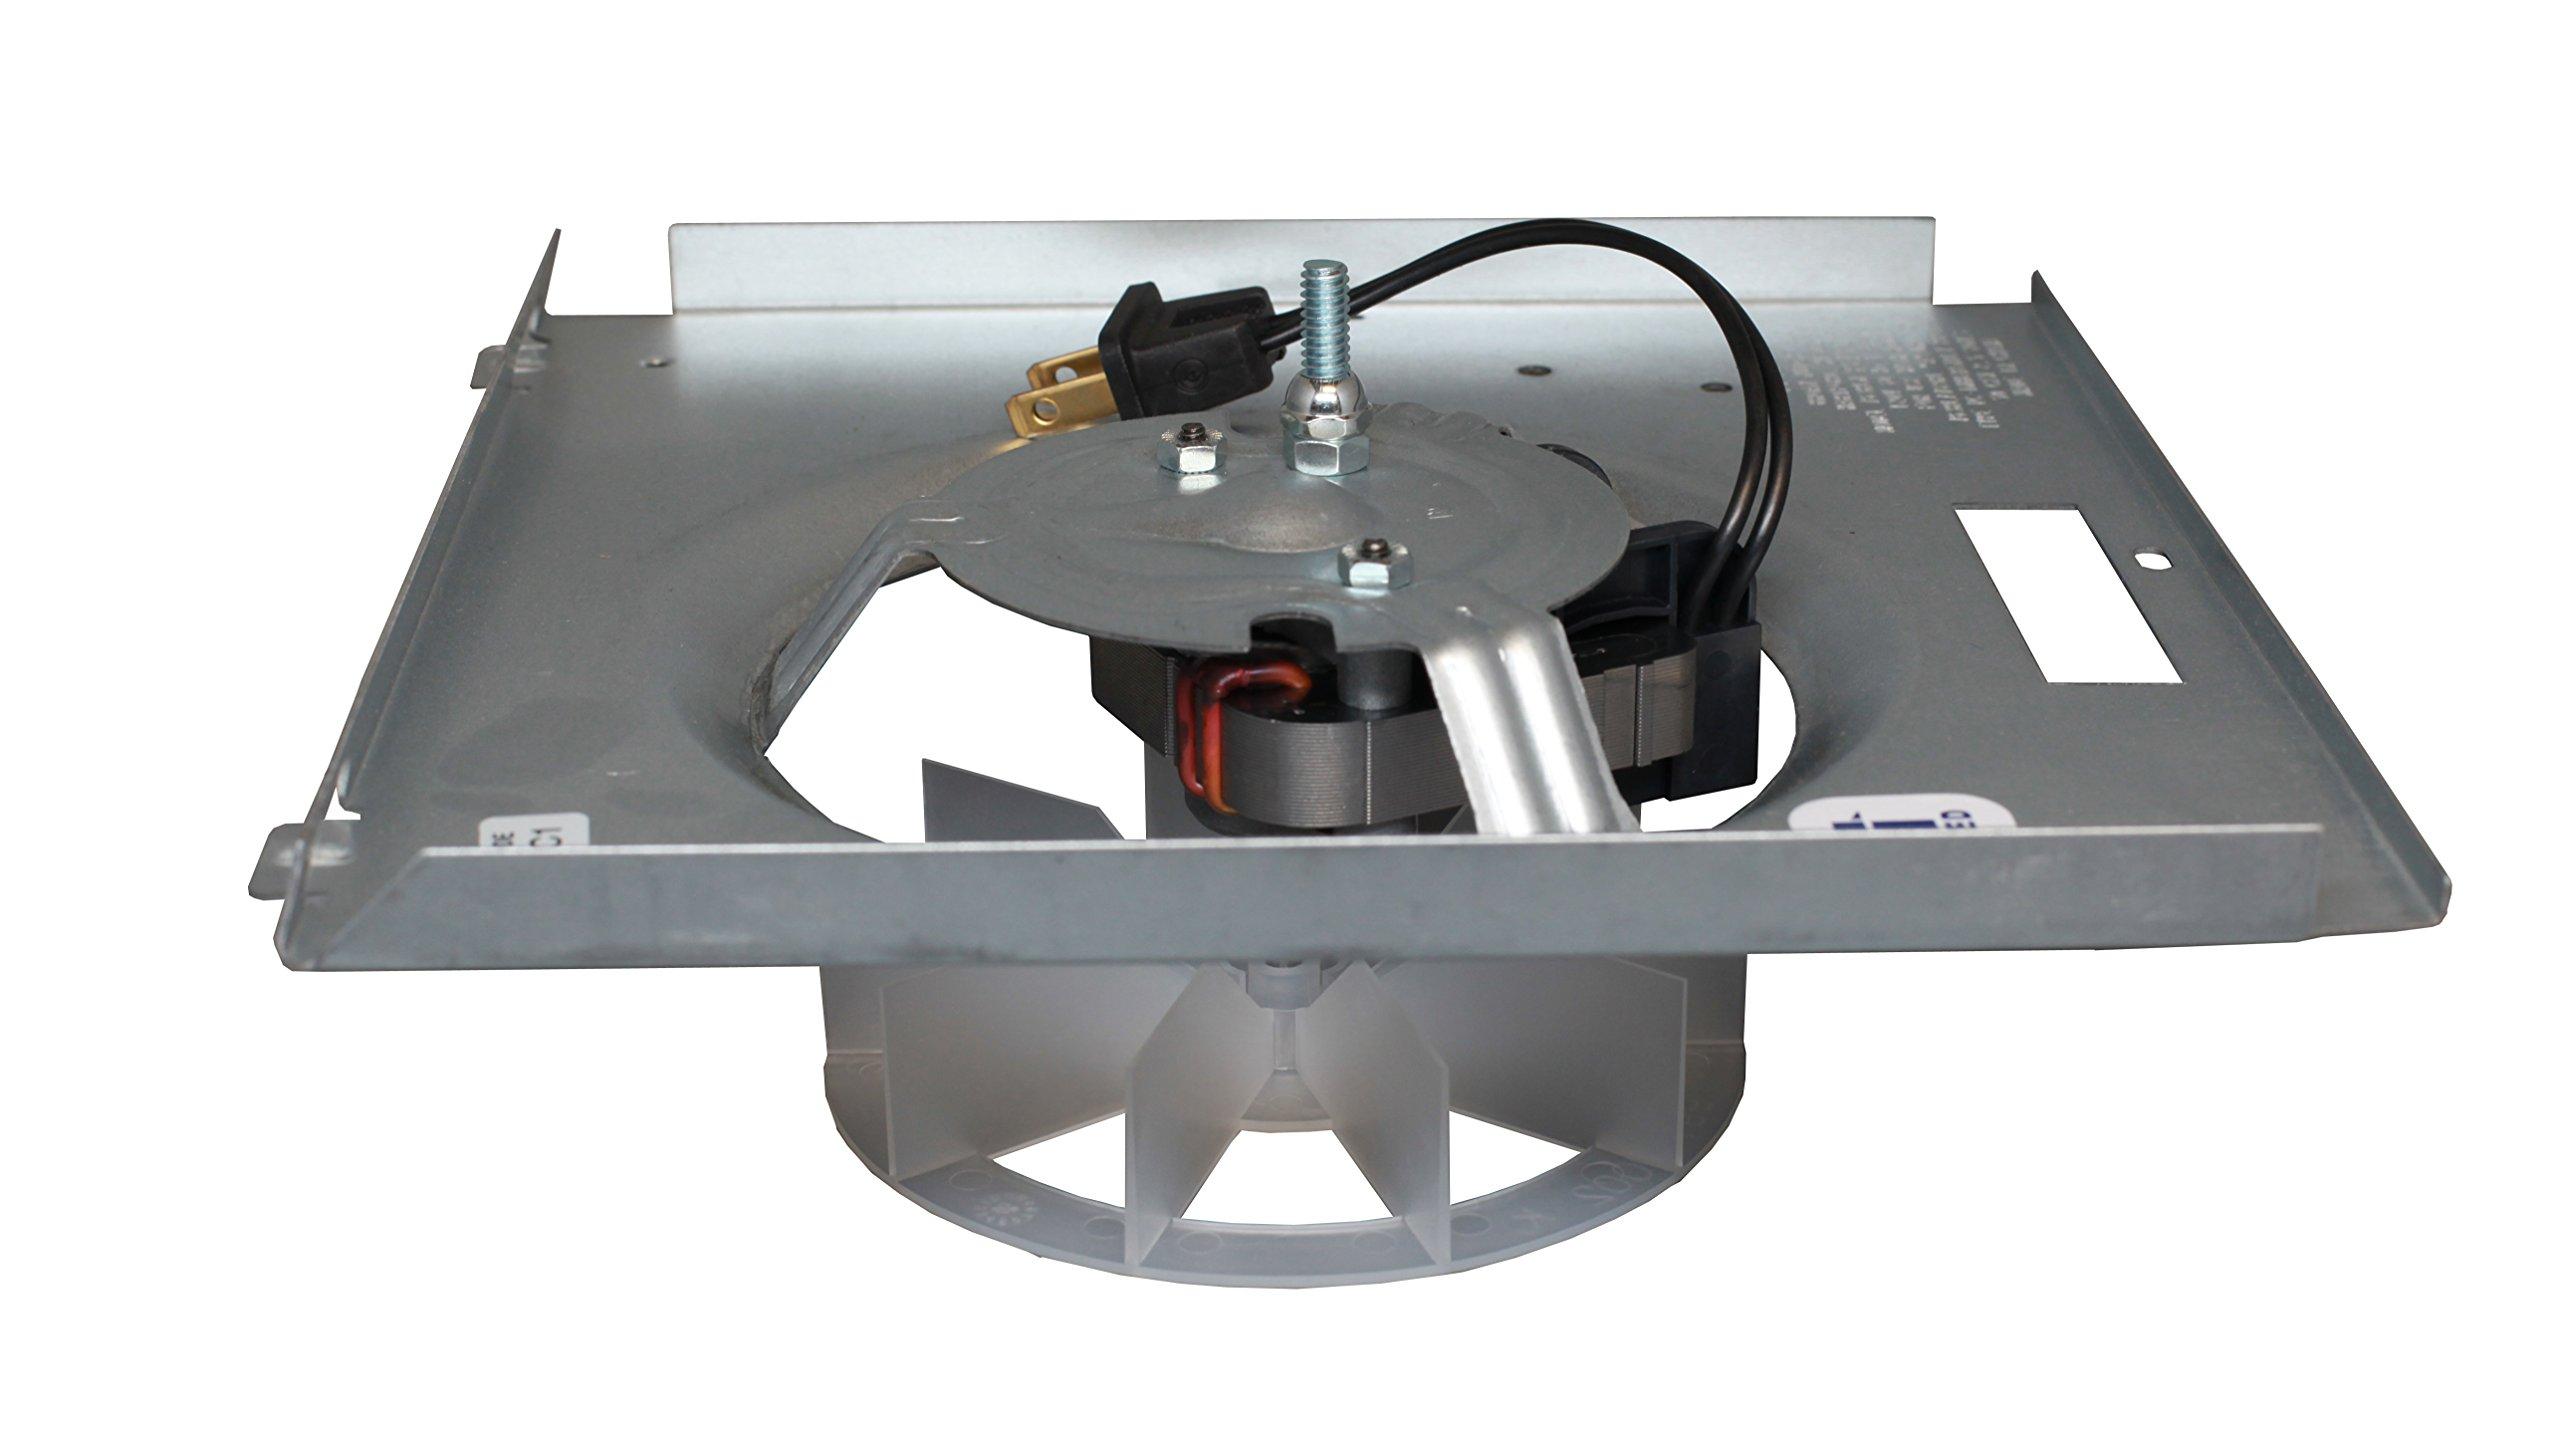 Exhaust Fan Motor : Nutone s b bathroom fan motor assembly